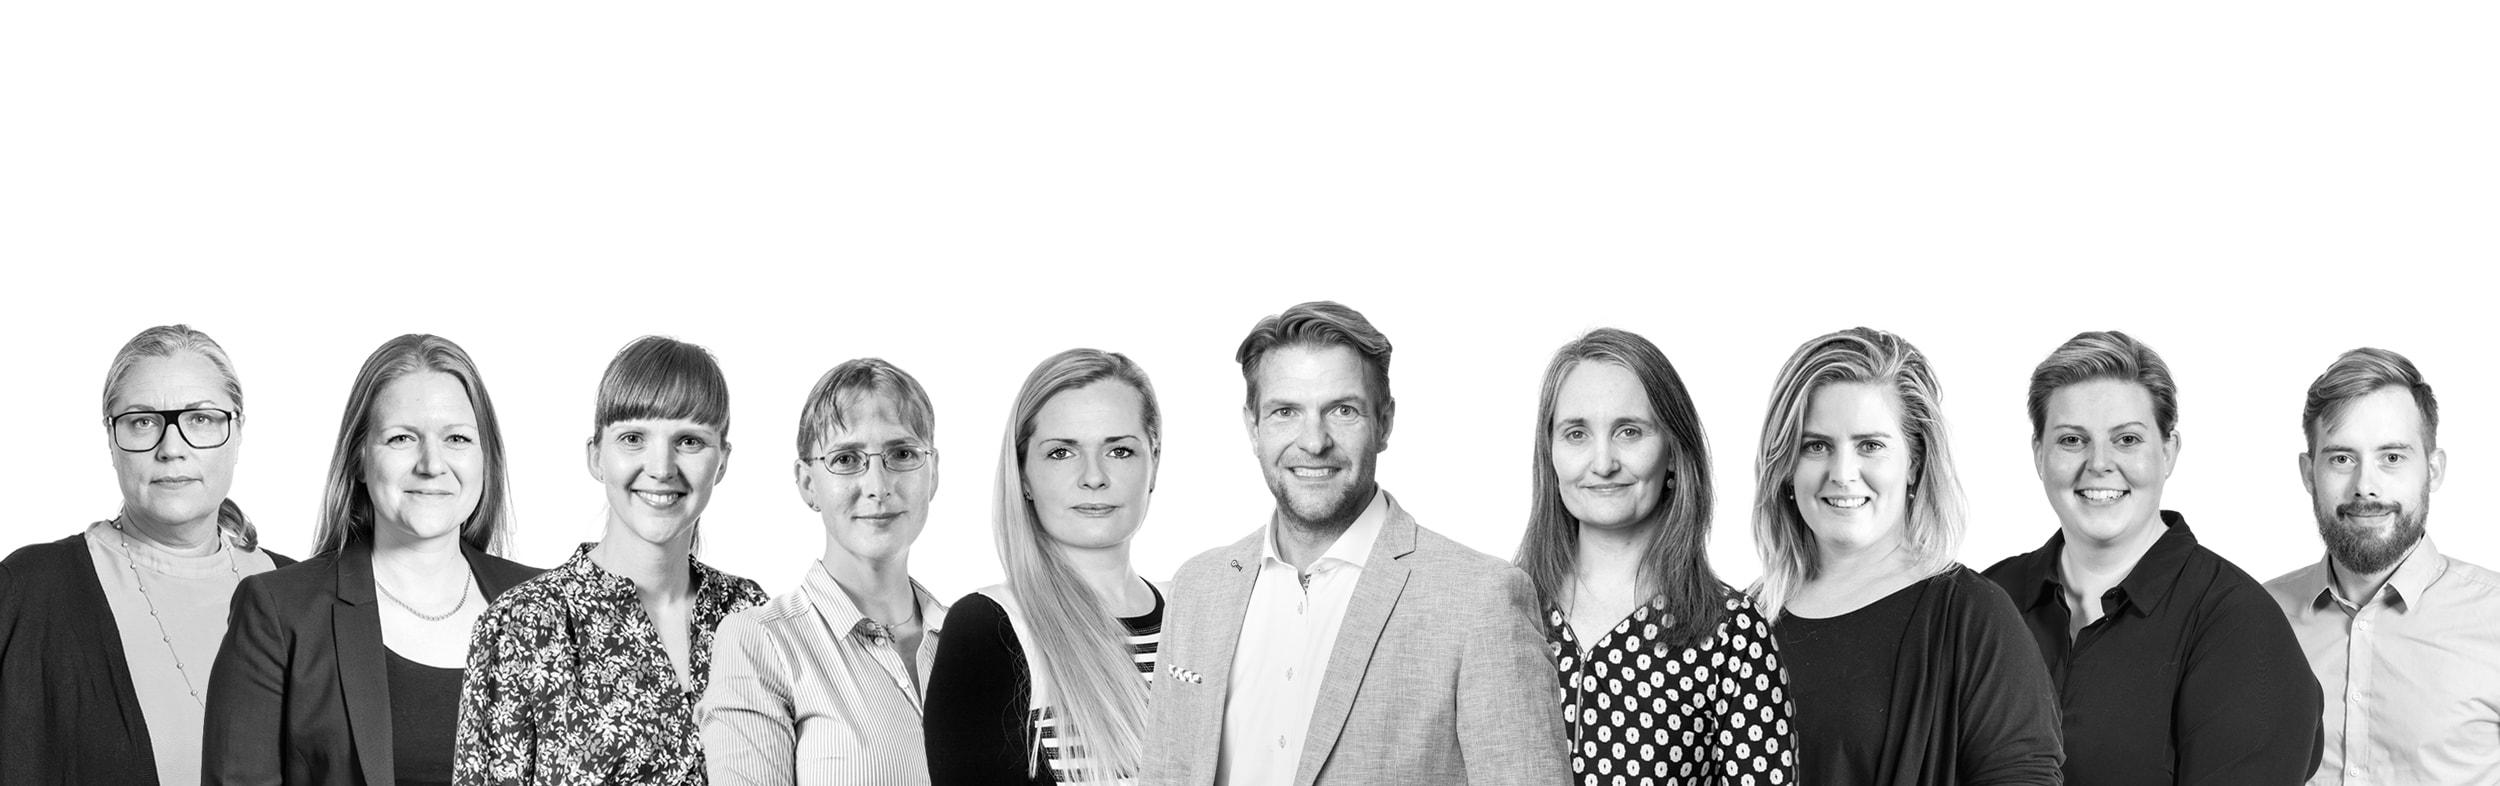 Familierets-teamet hos Advokatfirmaet Strauss og Garlik